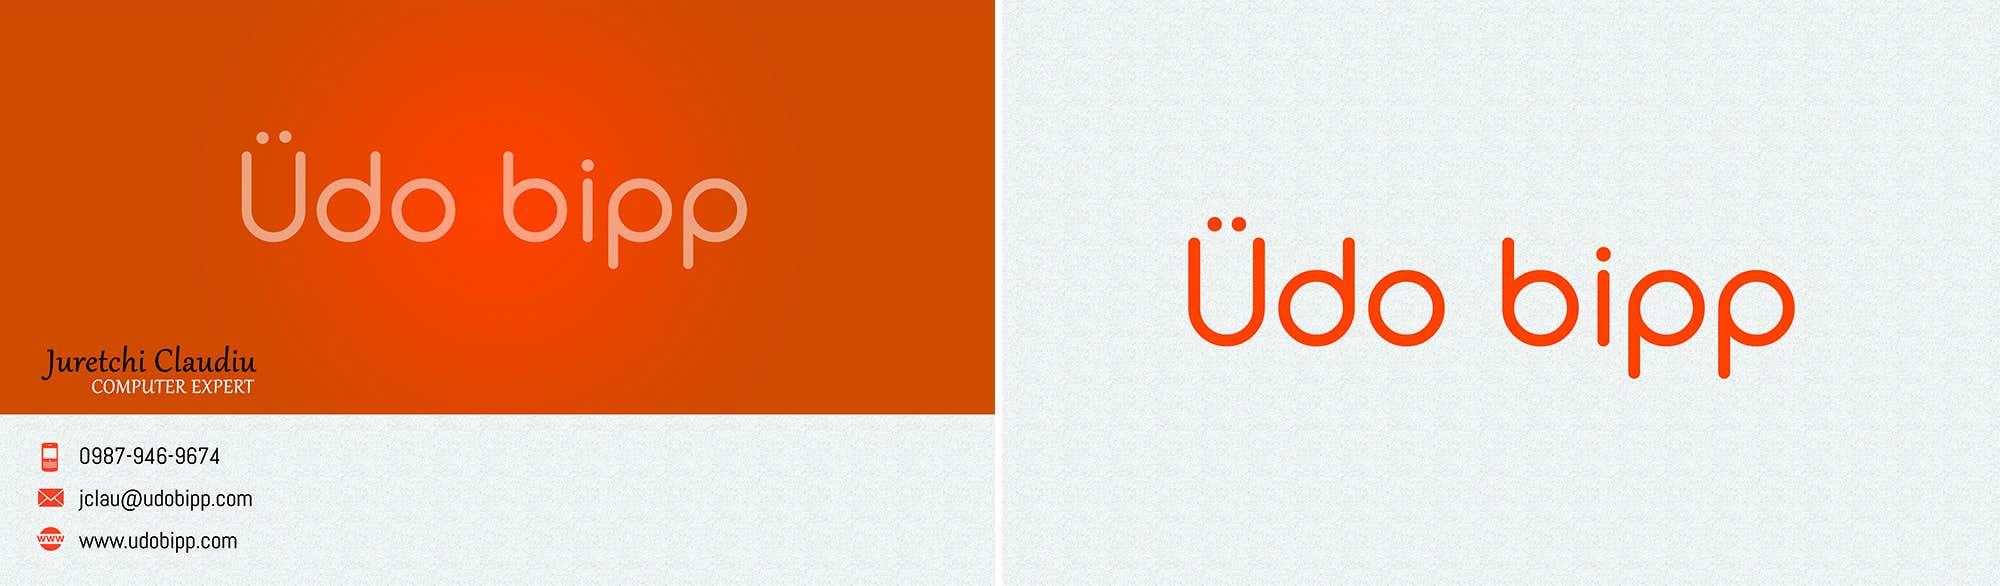 Penyertaan Peraduan #34 untuk Design some Business Cards for Udo Bipp